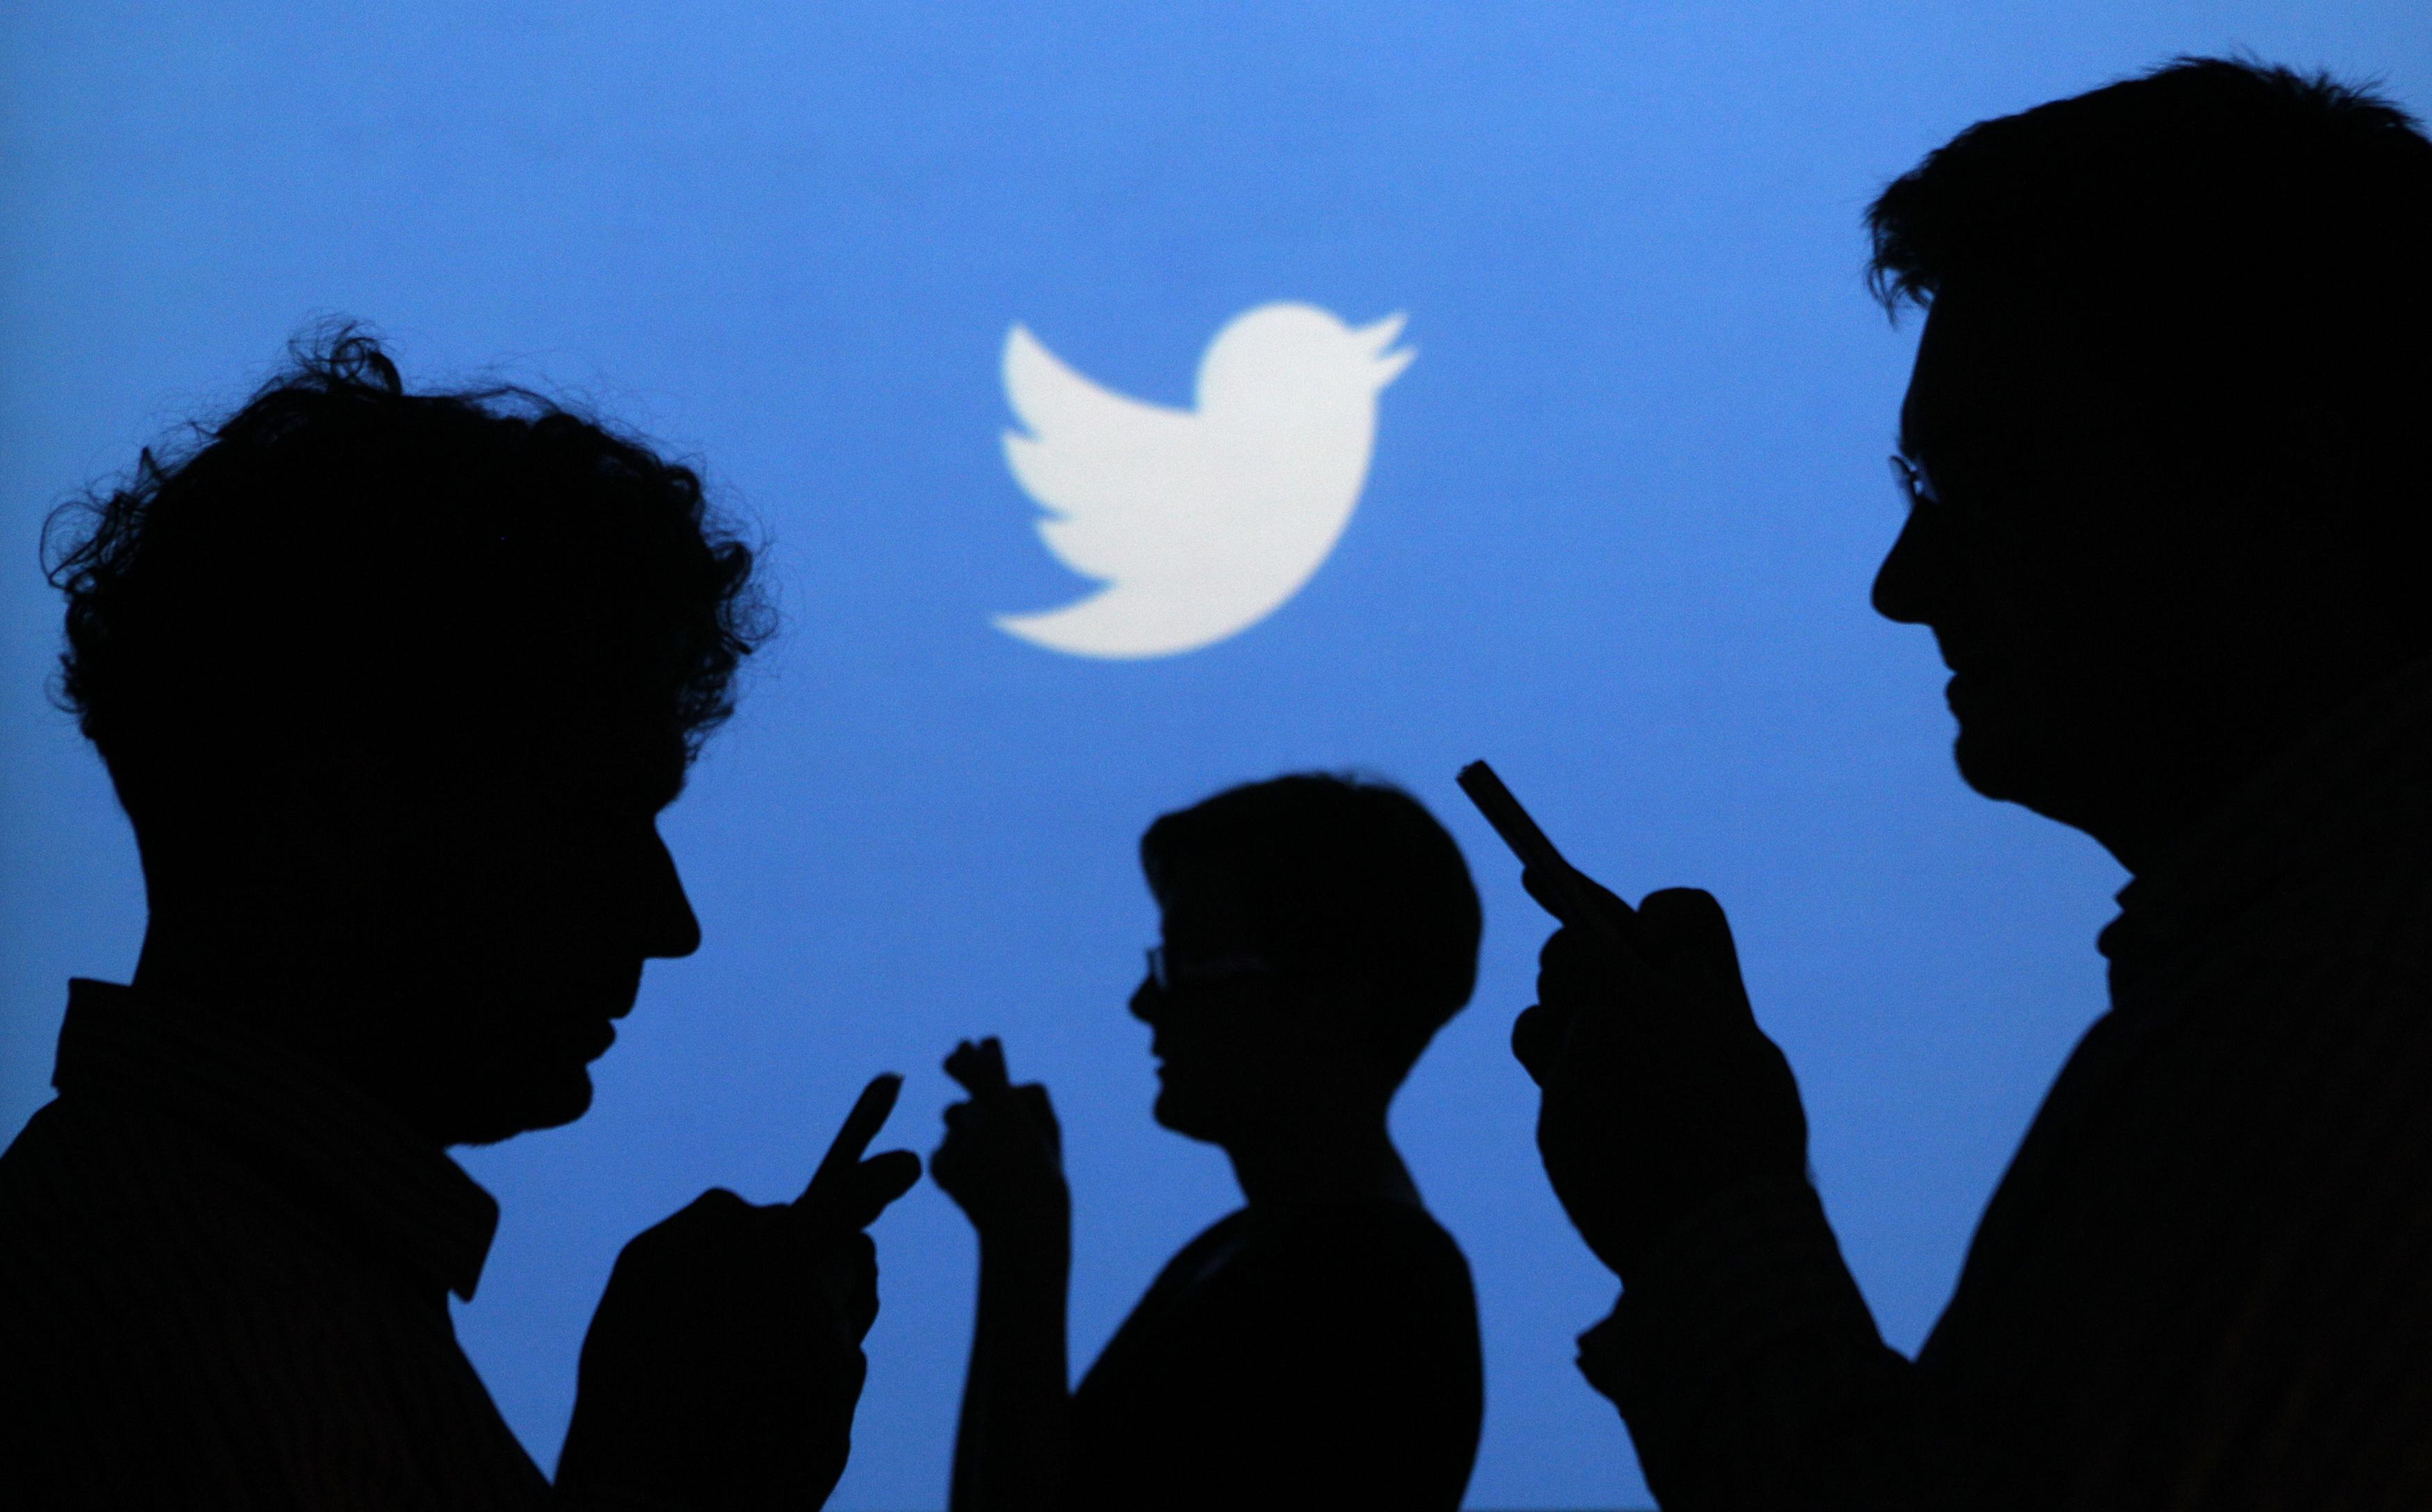 Twitter vuelve a ganar usuarios gracias a los cambios en la plataforma